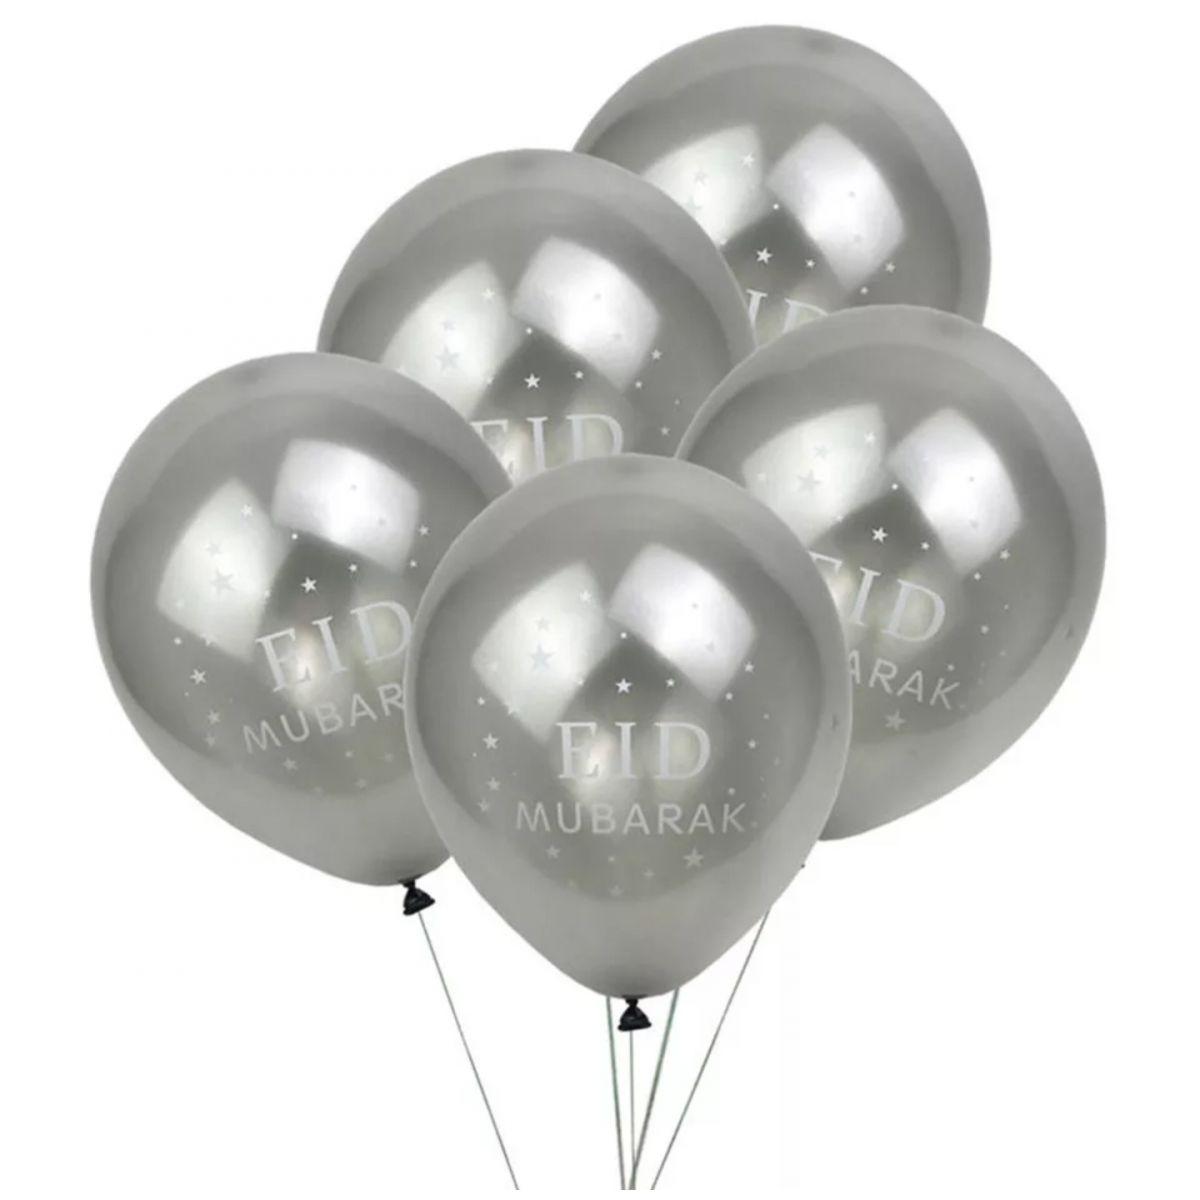 Ballon 3id Mubarak